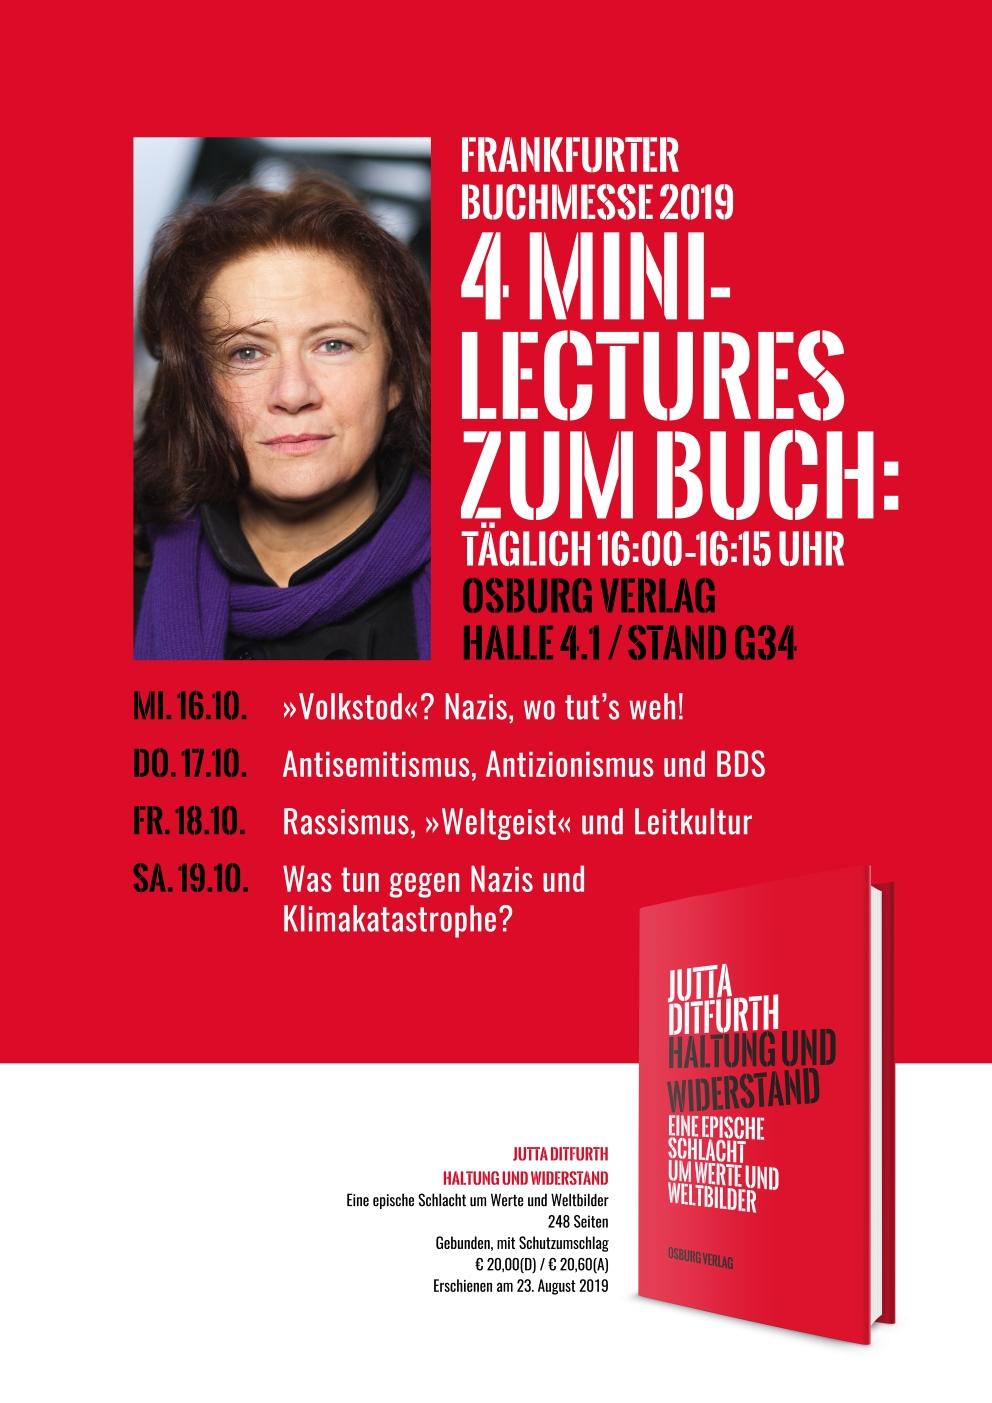 Mi. 16.10. bis Sa. 19.10.2019, FRANKFURTER BUCHMESSE. Jutta Ditfurth ist immer nachmittags dort. Es geht um ihr neues Buch »Haltung und Widerstand«.